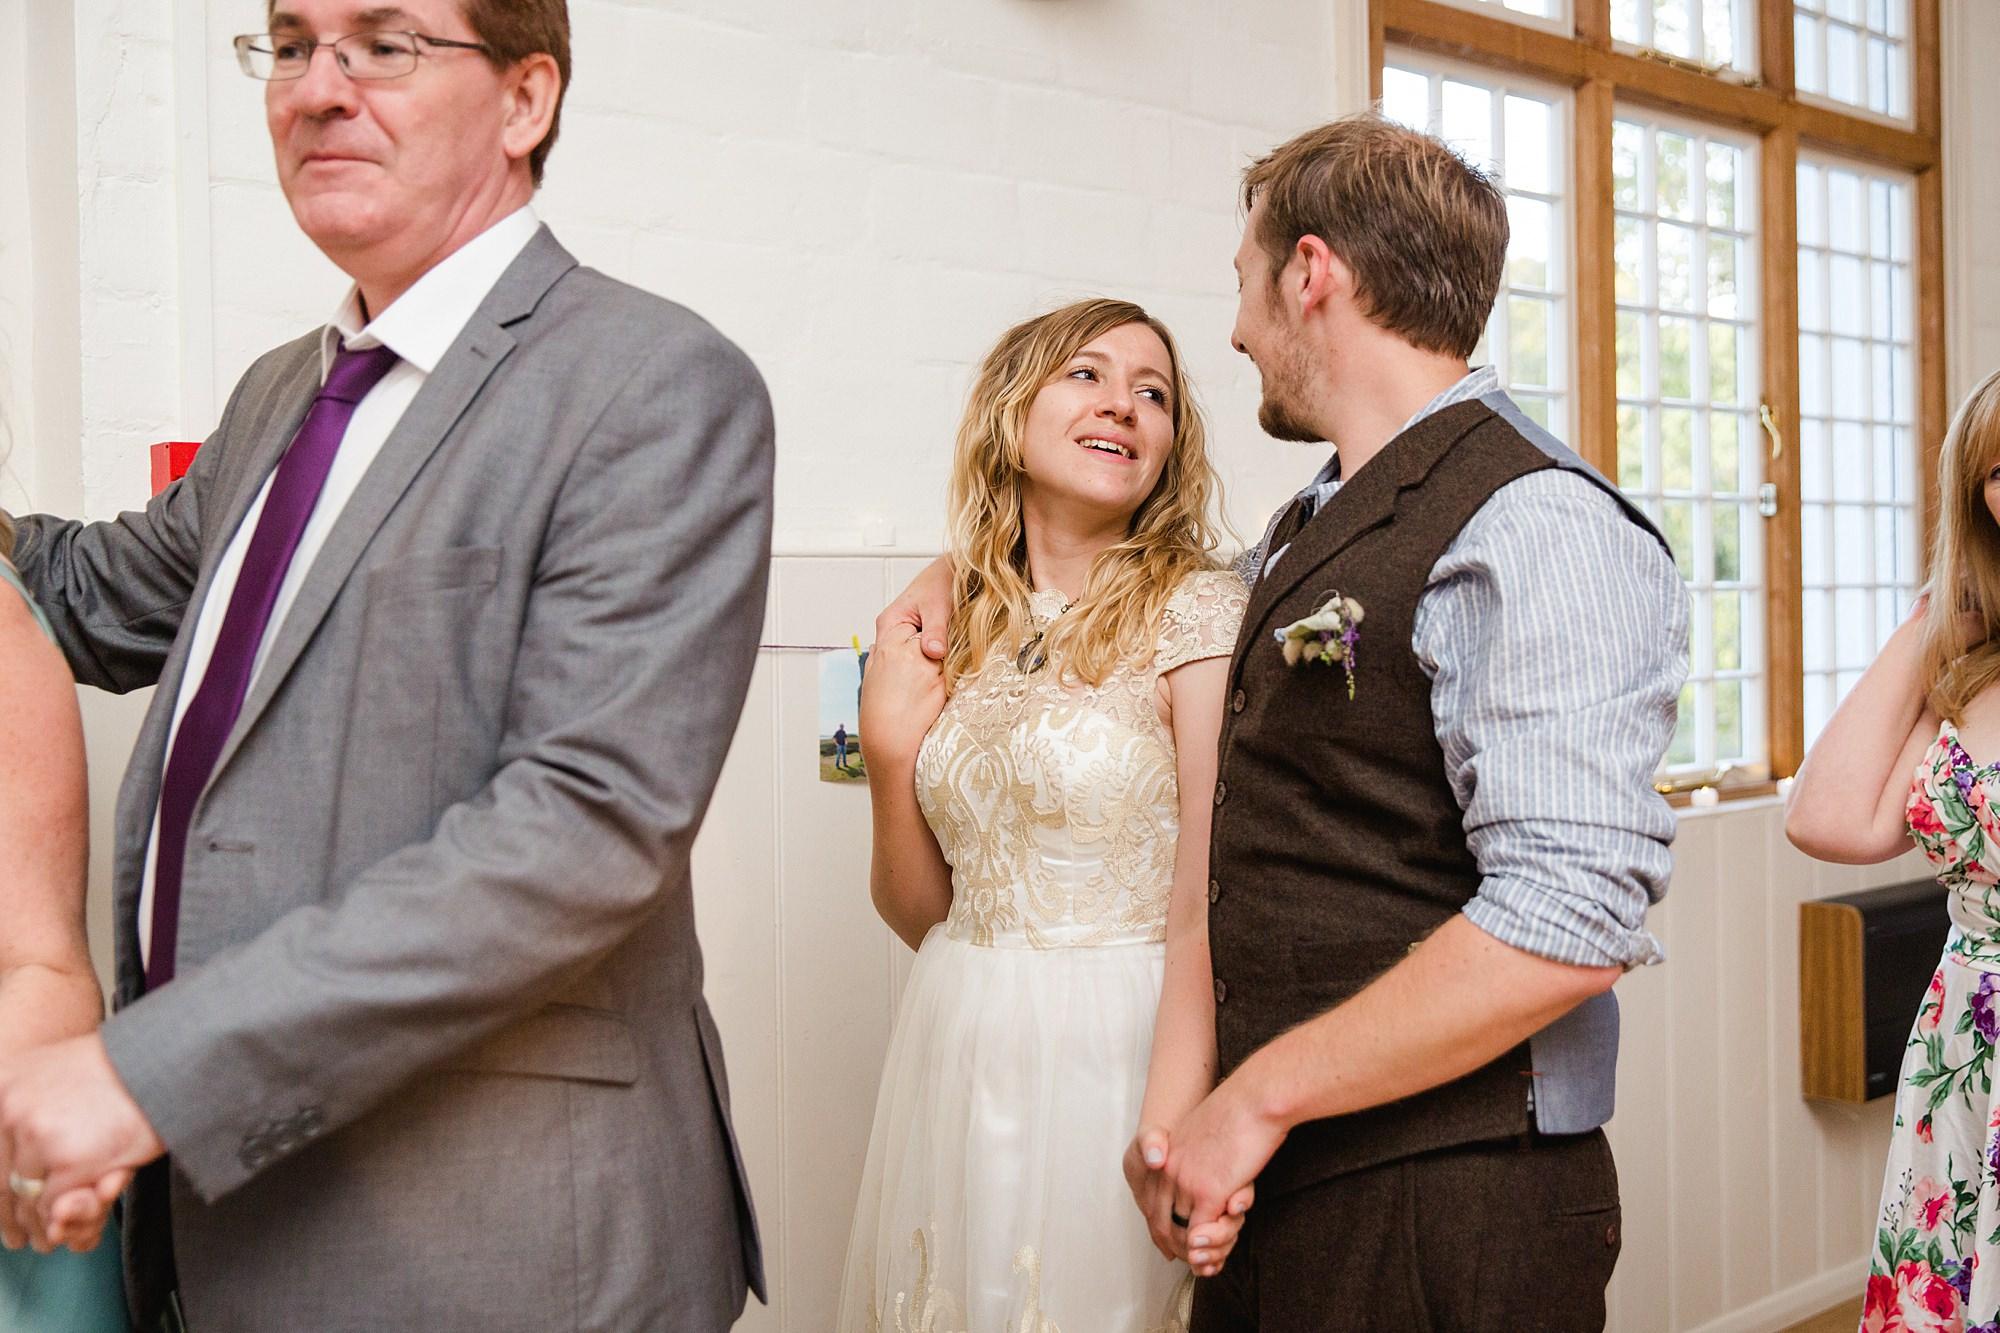 Fun village hall wedding bride and groom enjoying ceilidh dance